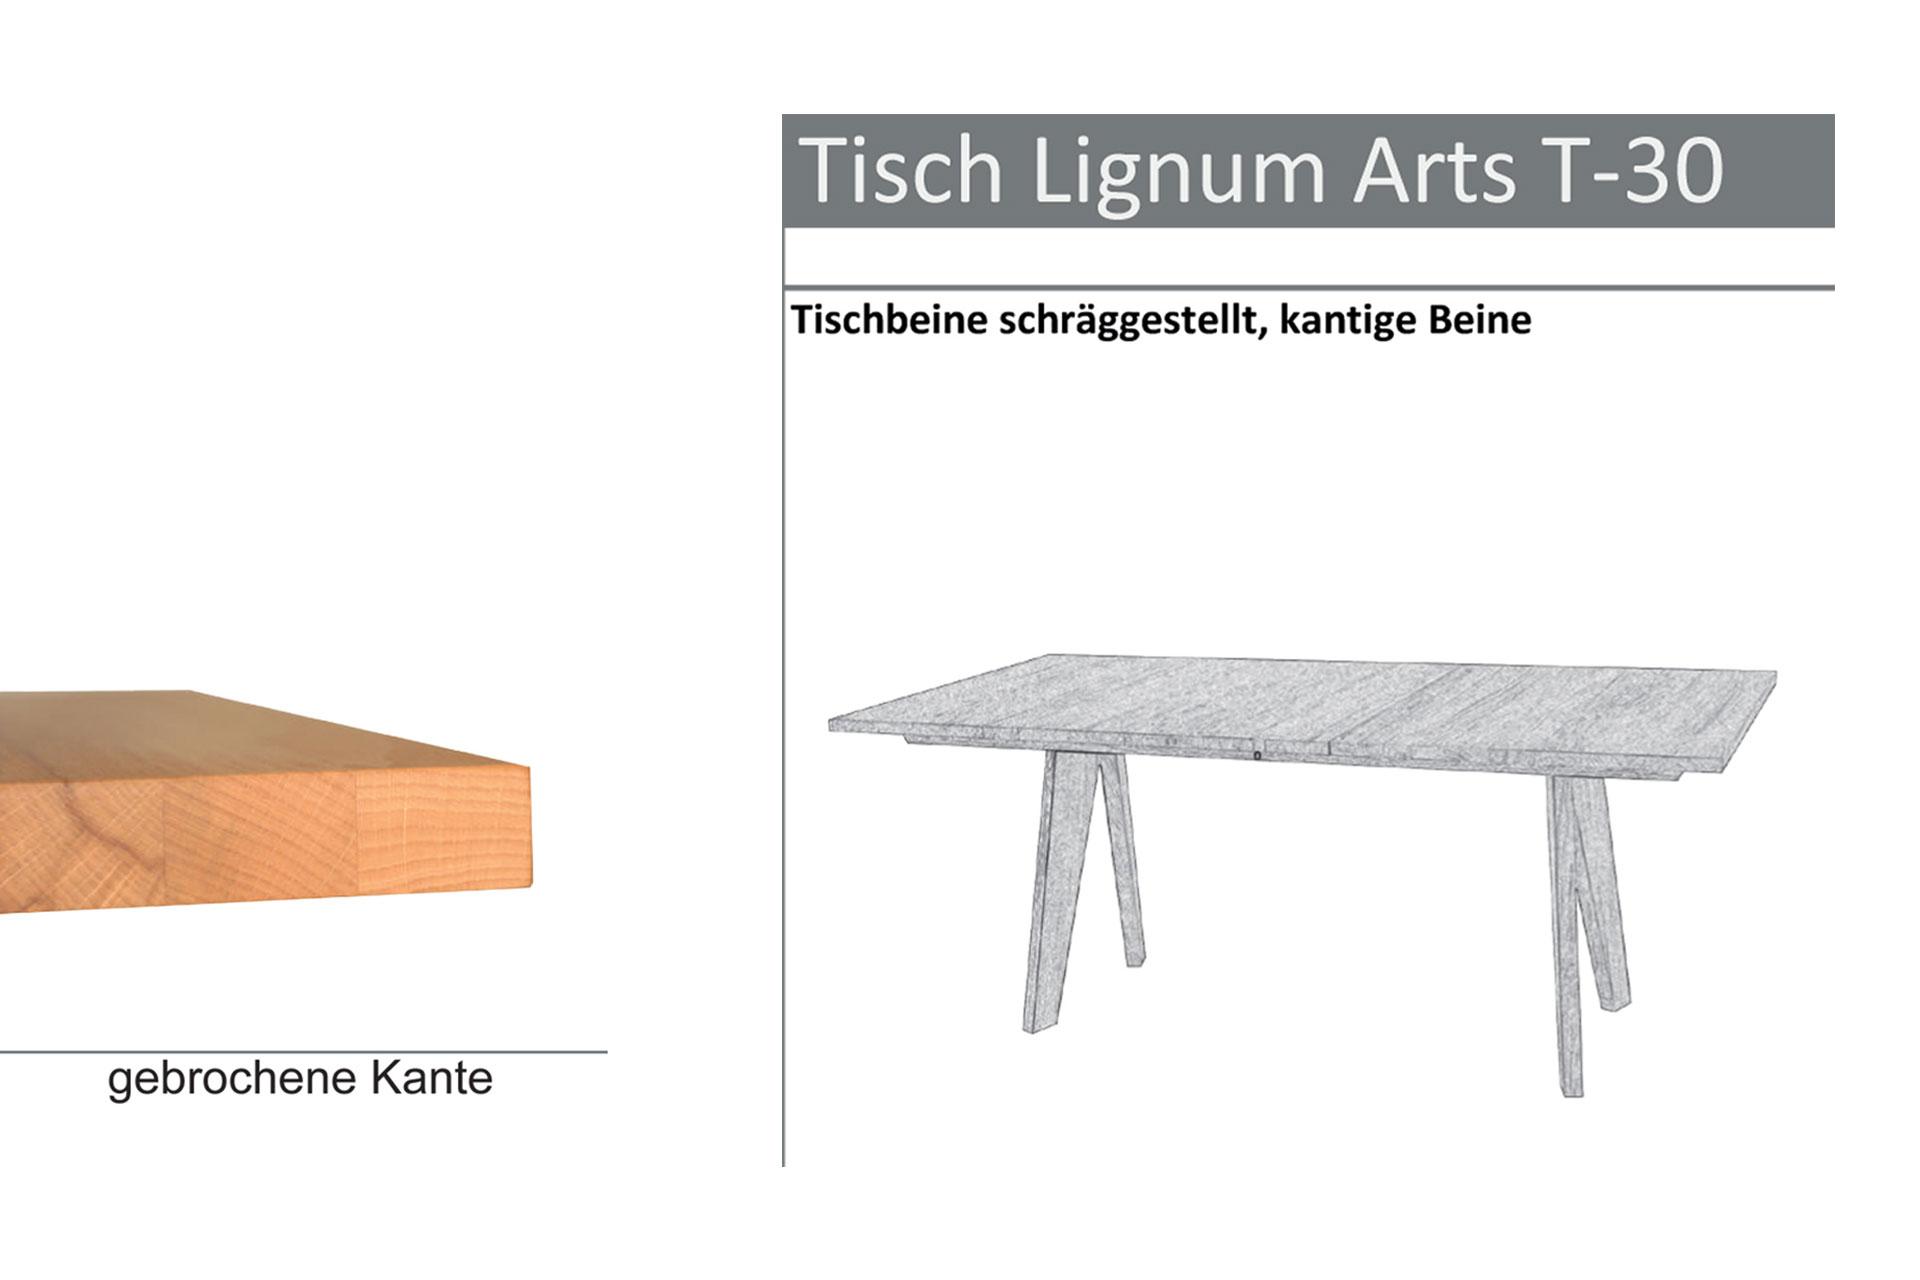 Tischtyp Lignum Arts T-30